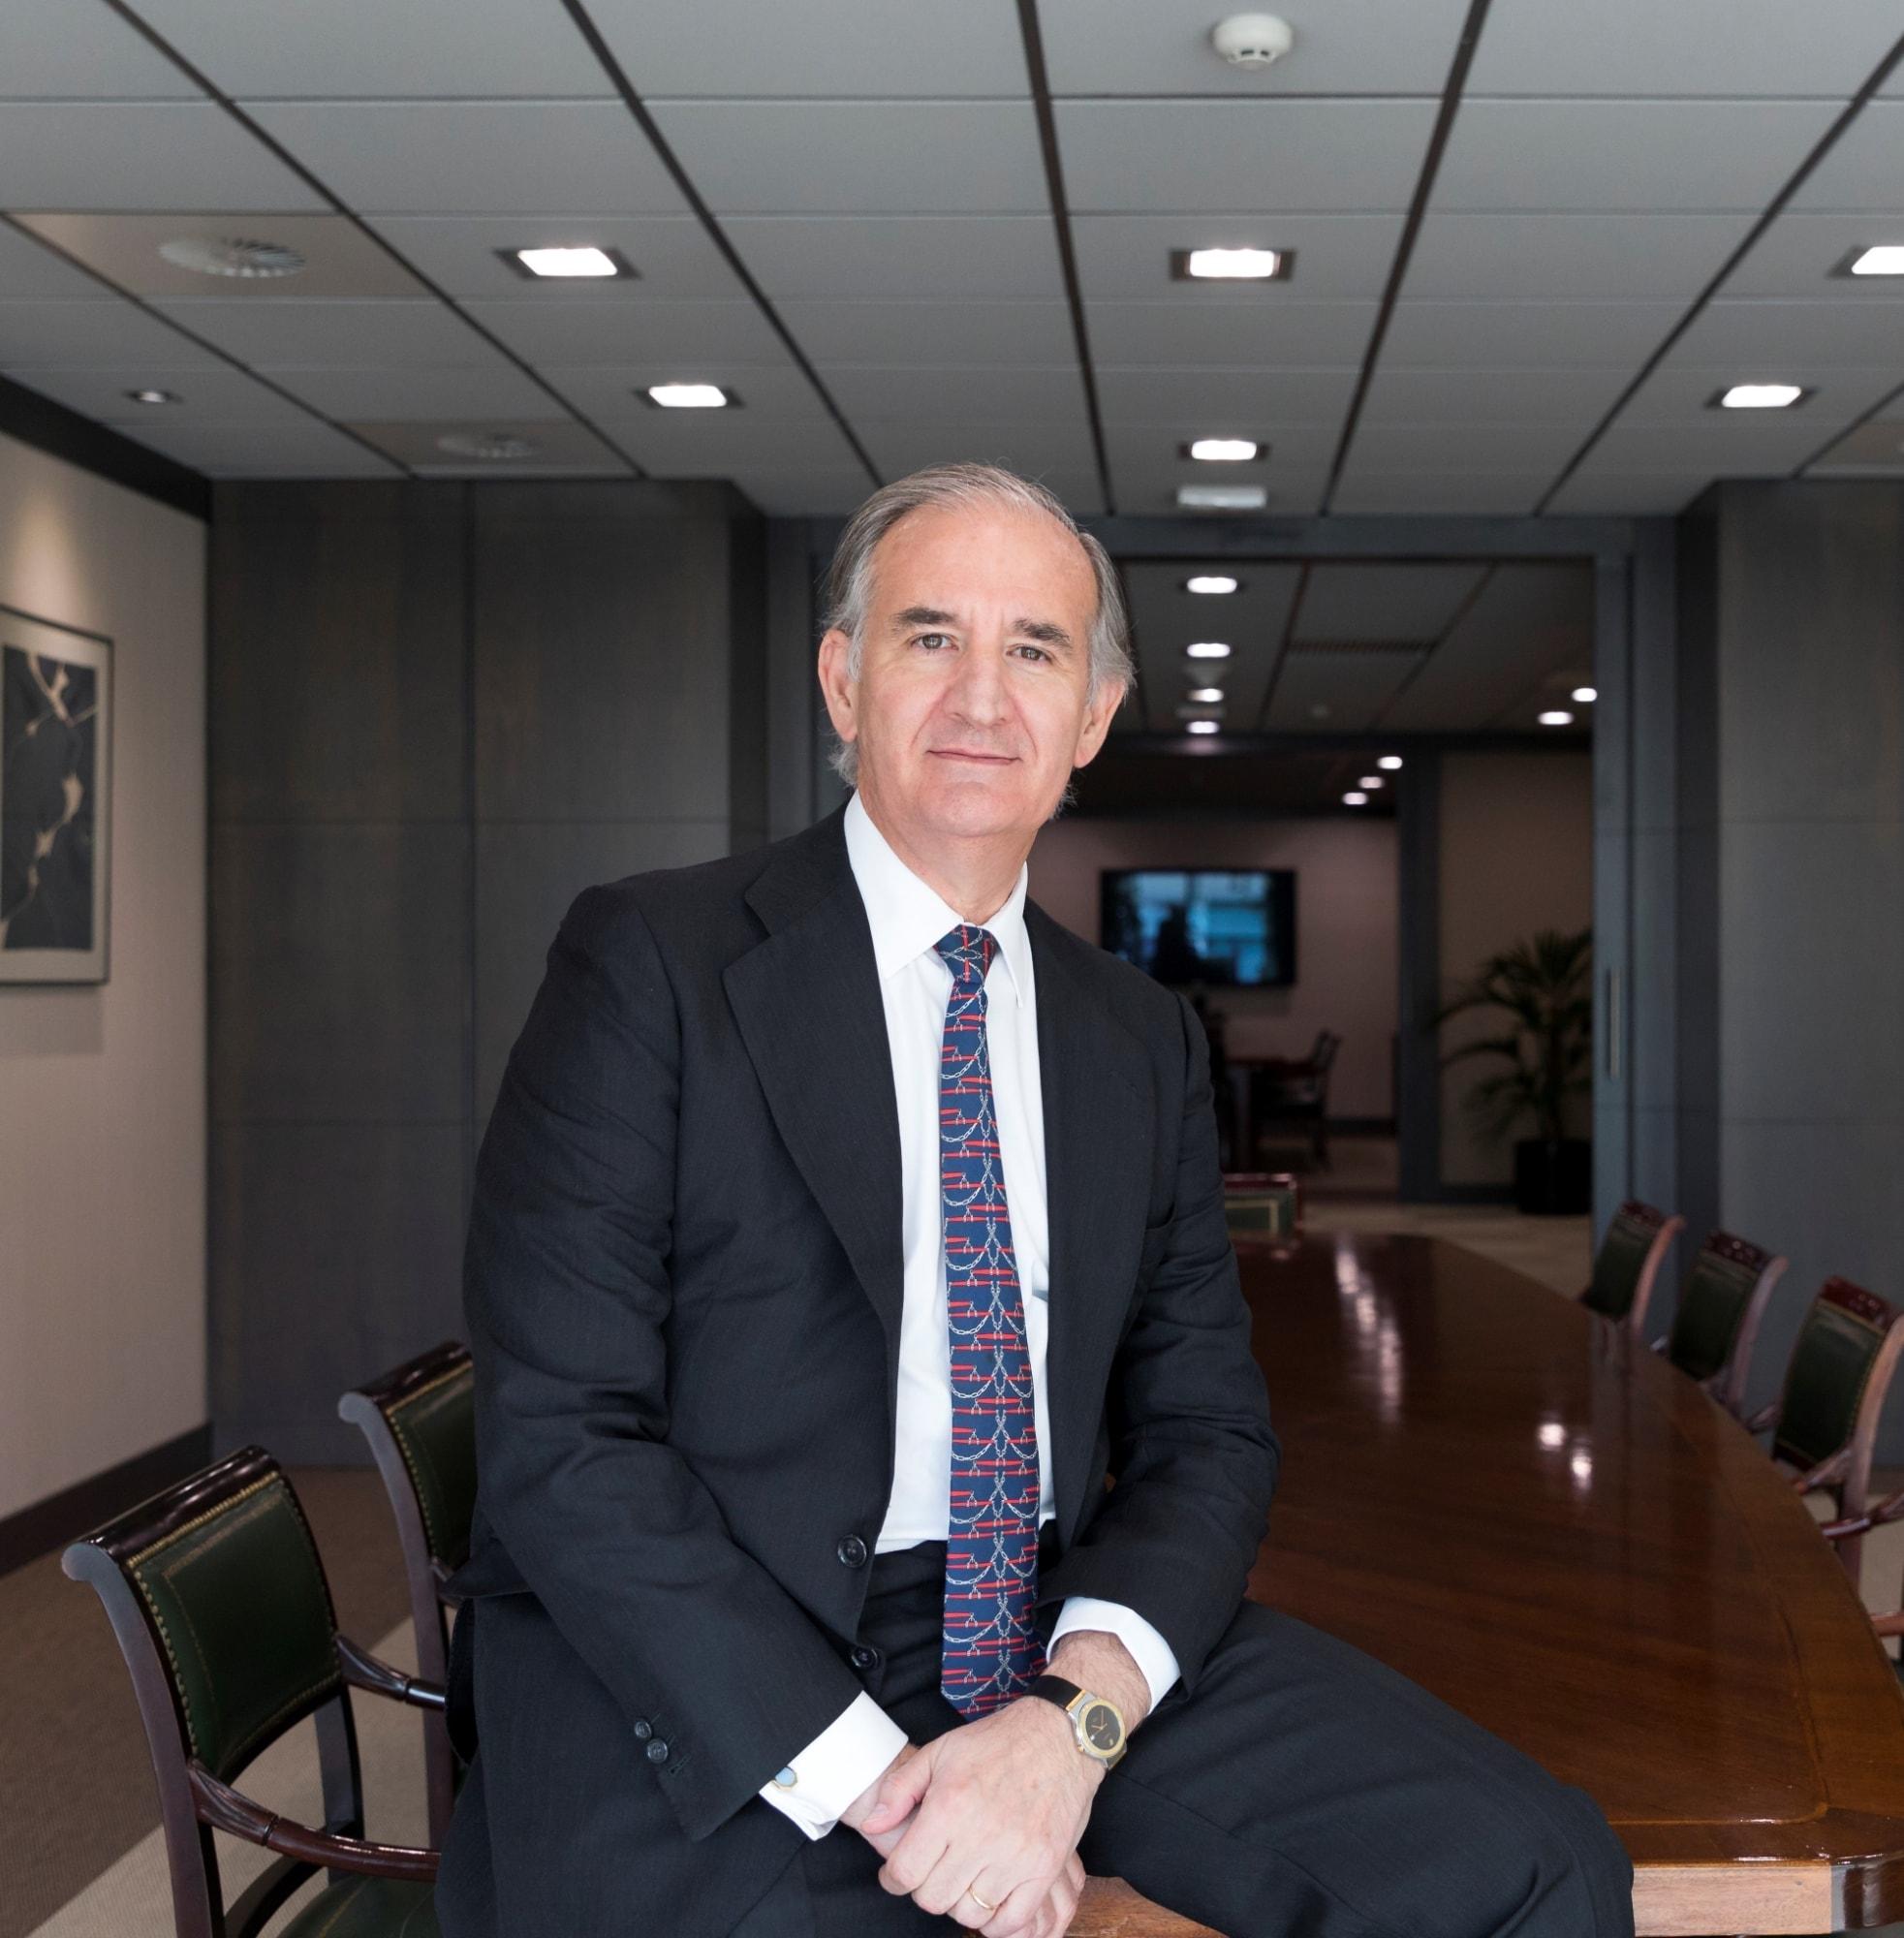 Reunión con el Viceconsejero de economía y competitividad de la Comunidad de Madrid